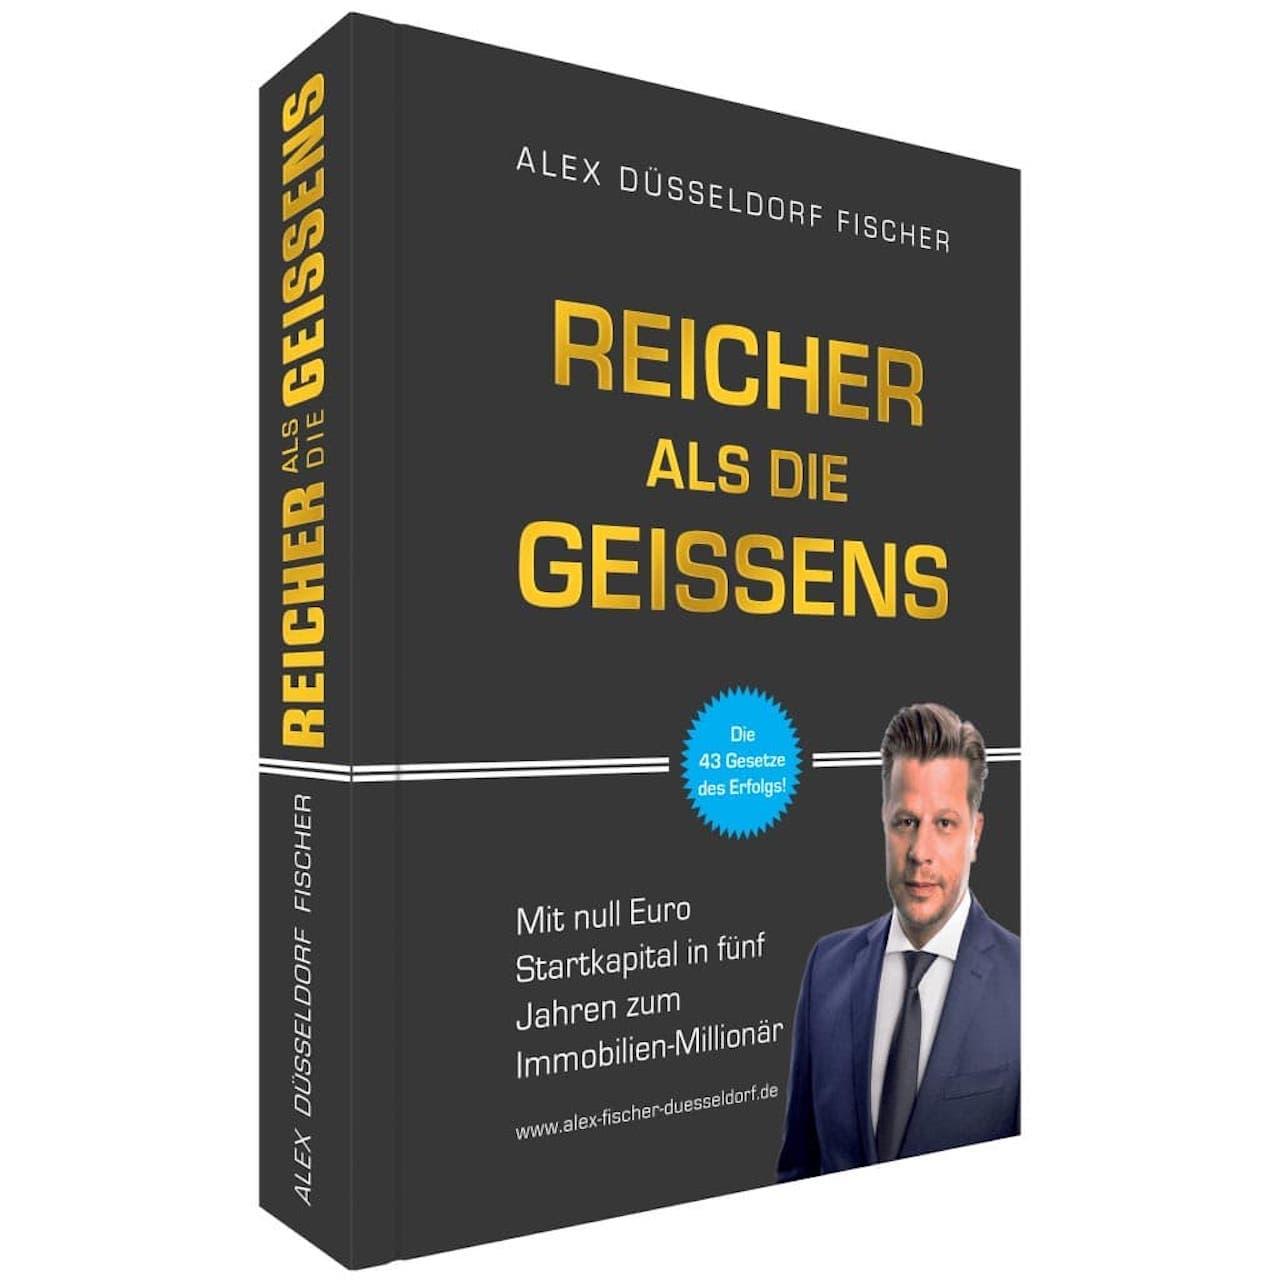 Reicher als die Geissens von Alex Düsseldorf Fischer